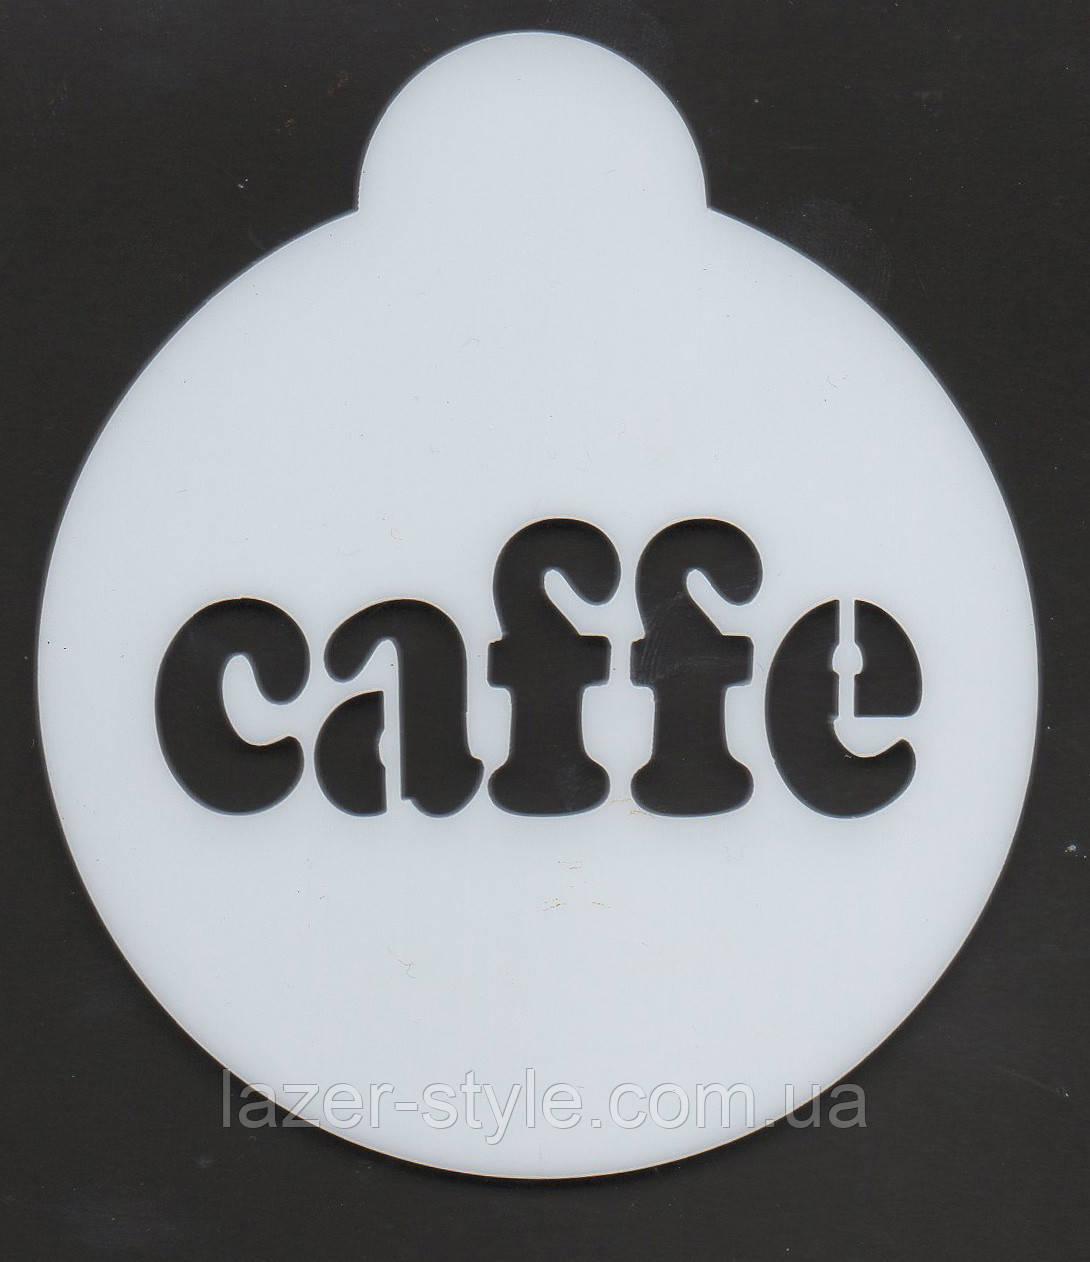 """Кофе - трафарет """"Кофе"""""""